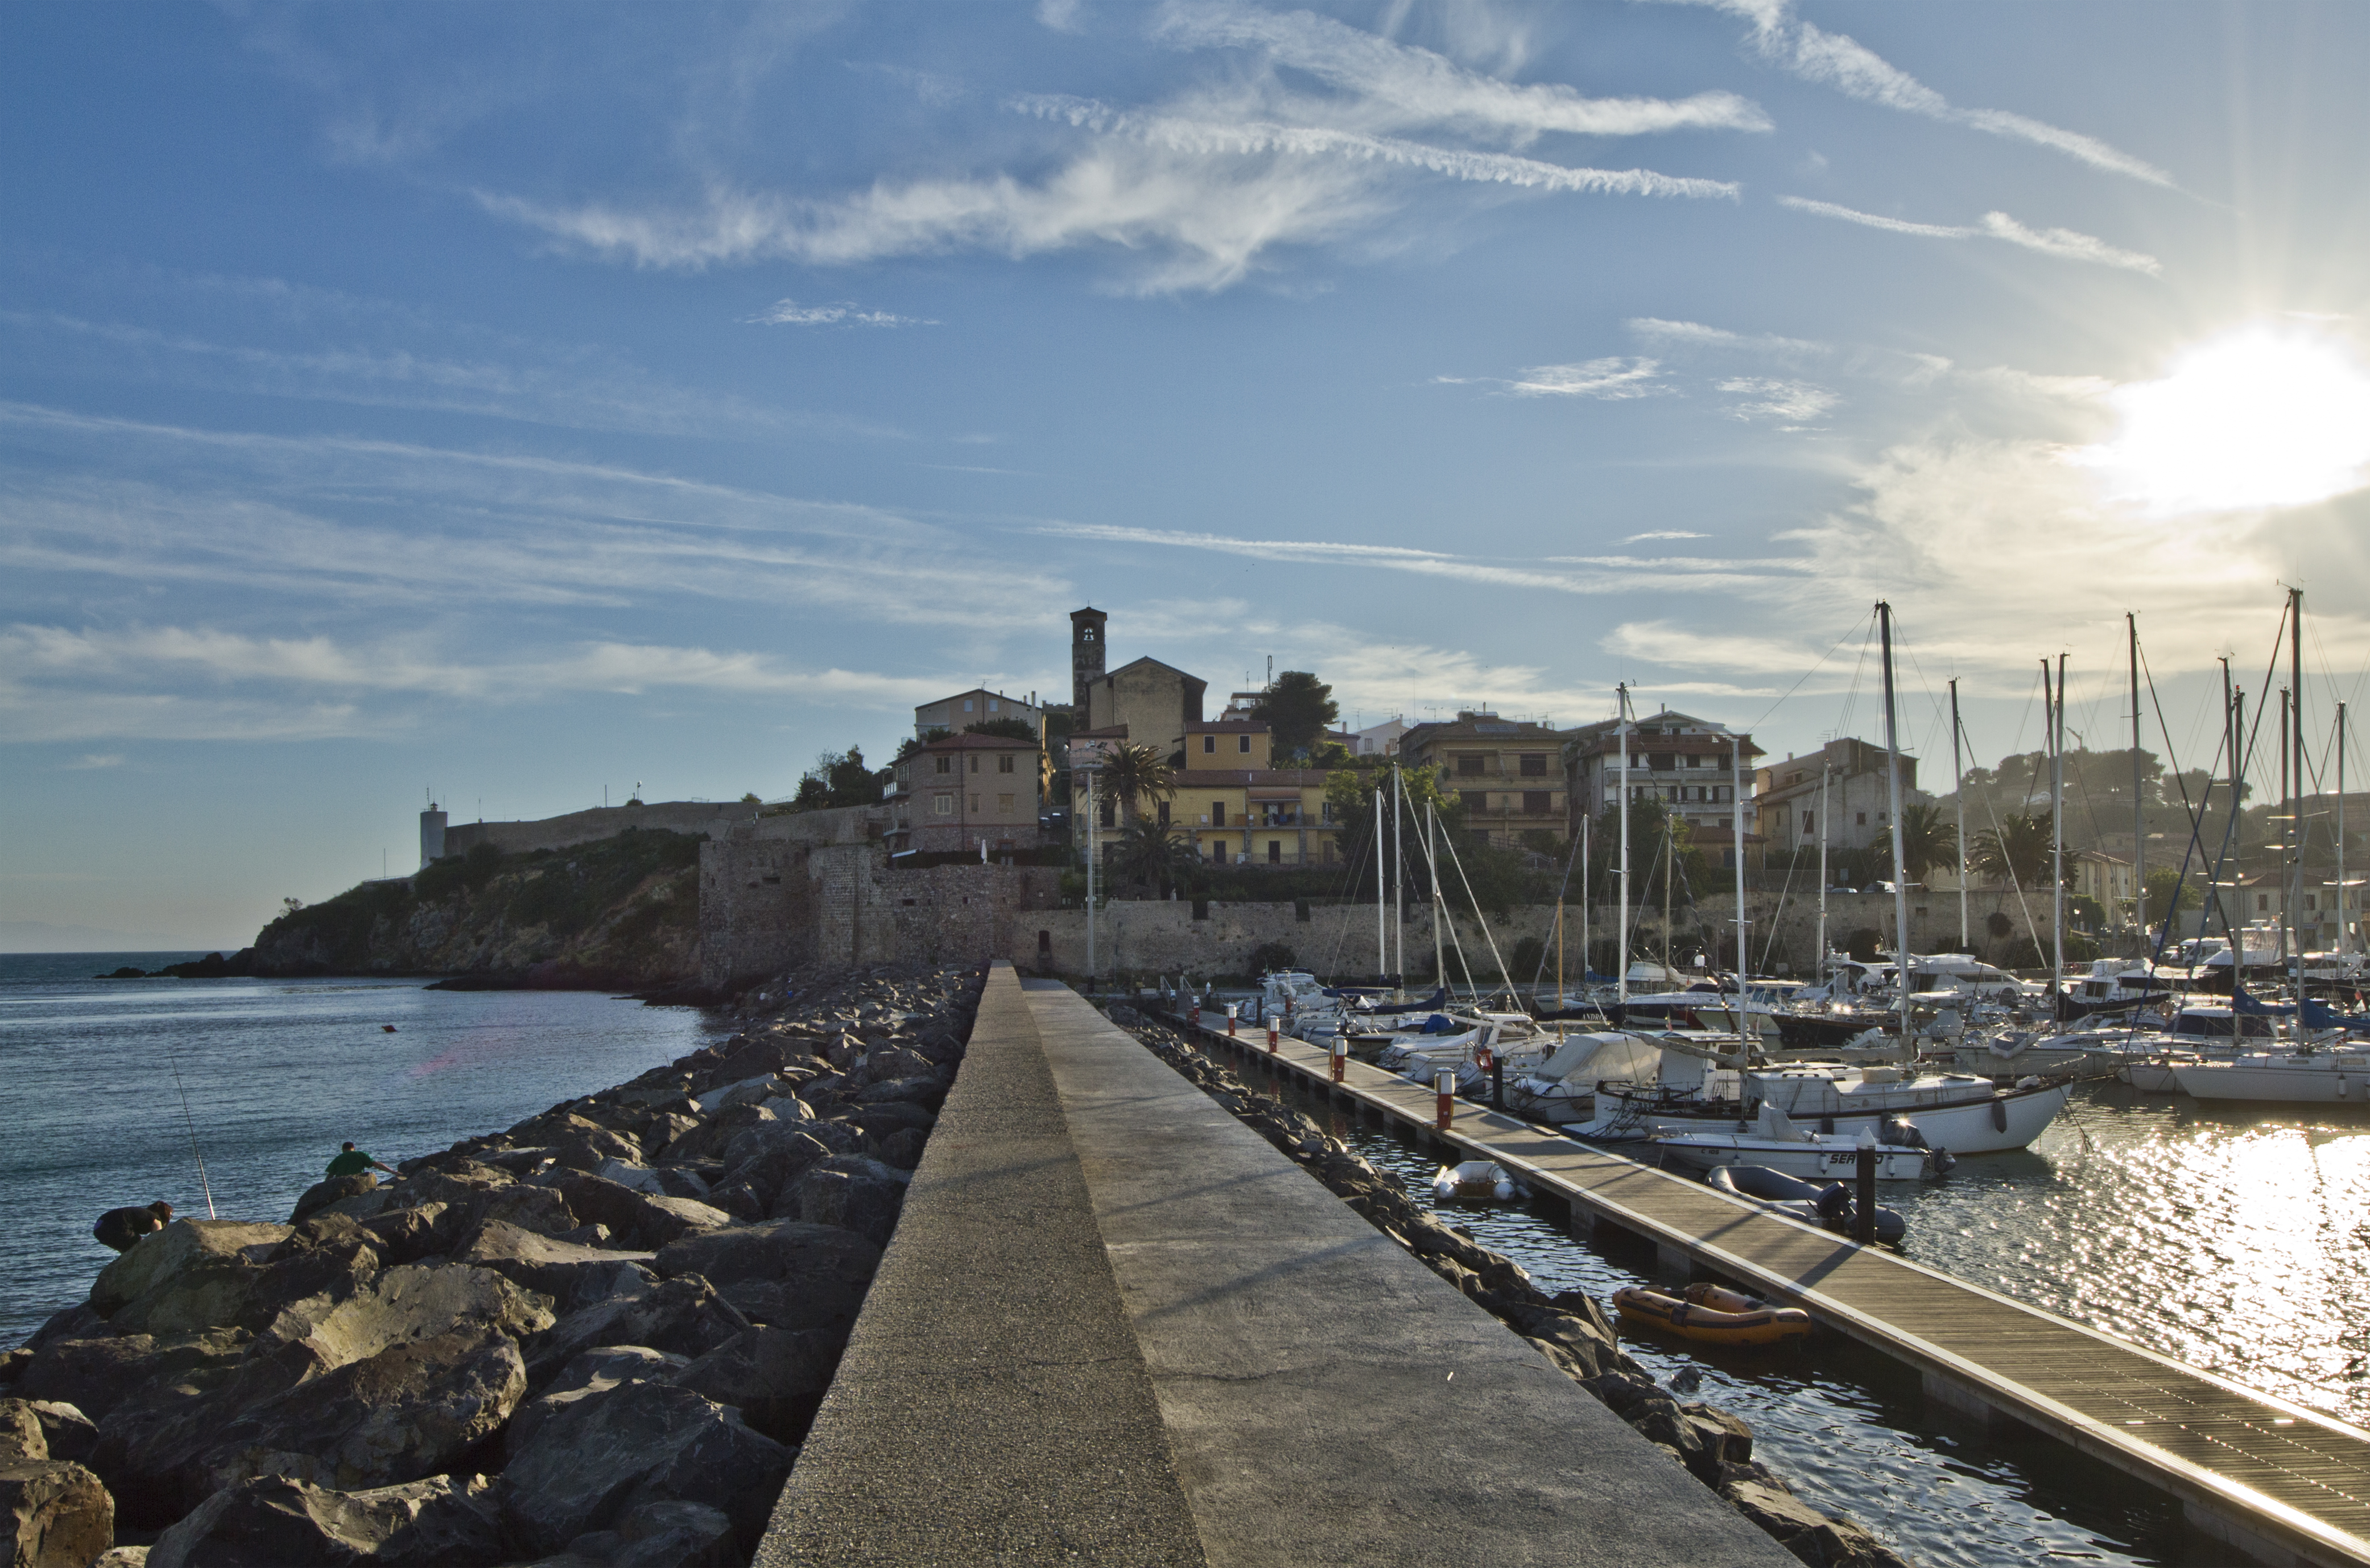 Noleggio Barche Talamone - Navalia | Noleggia un Sogno